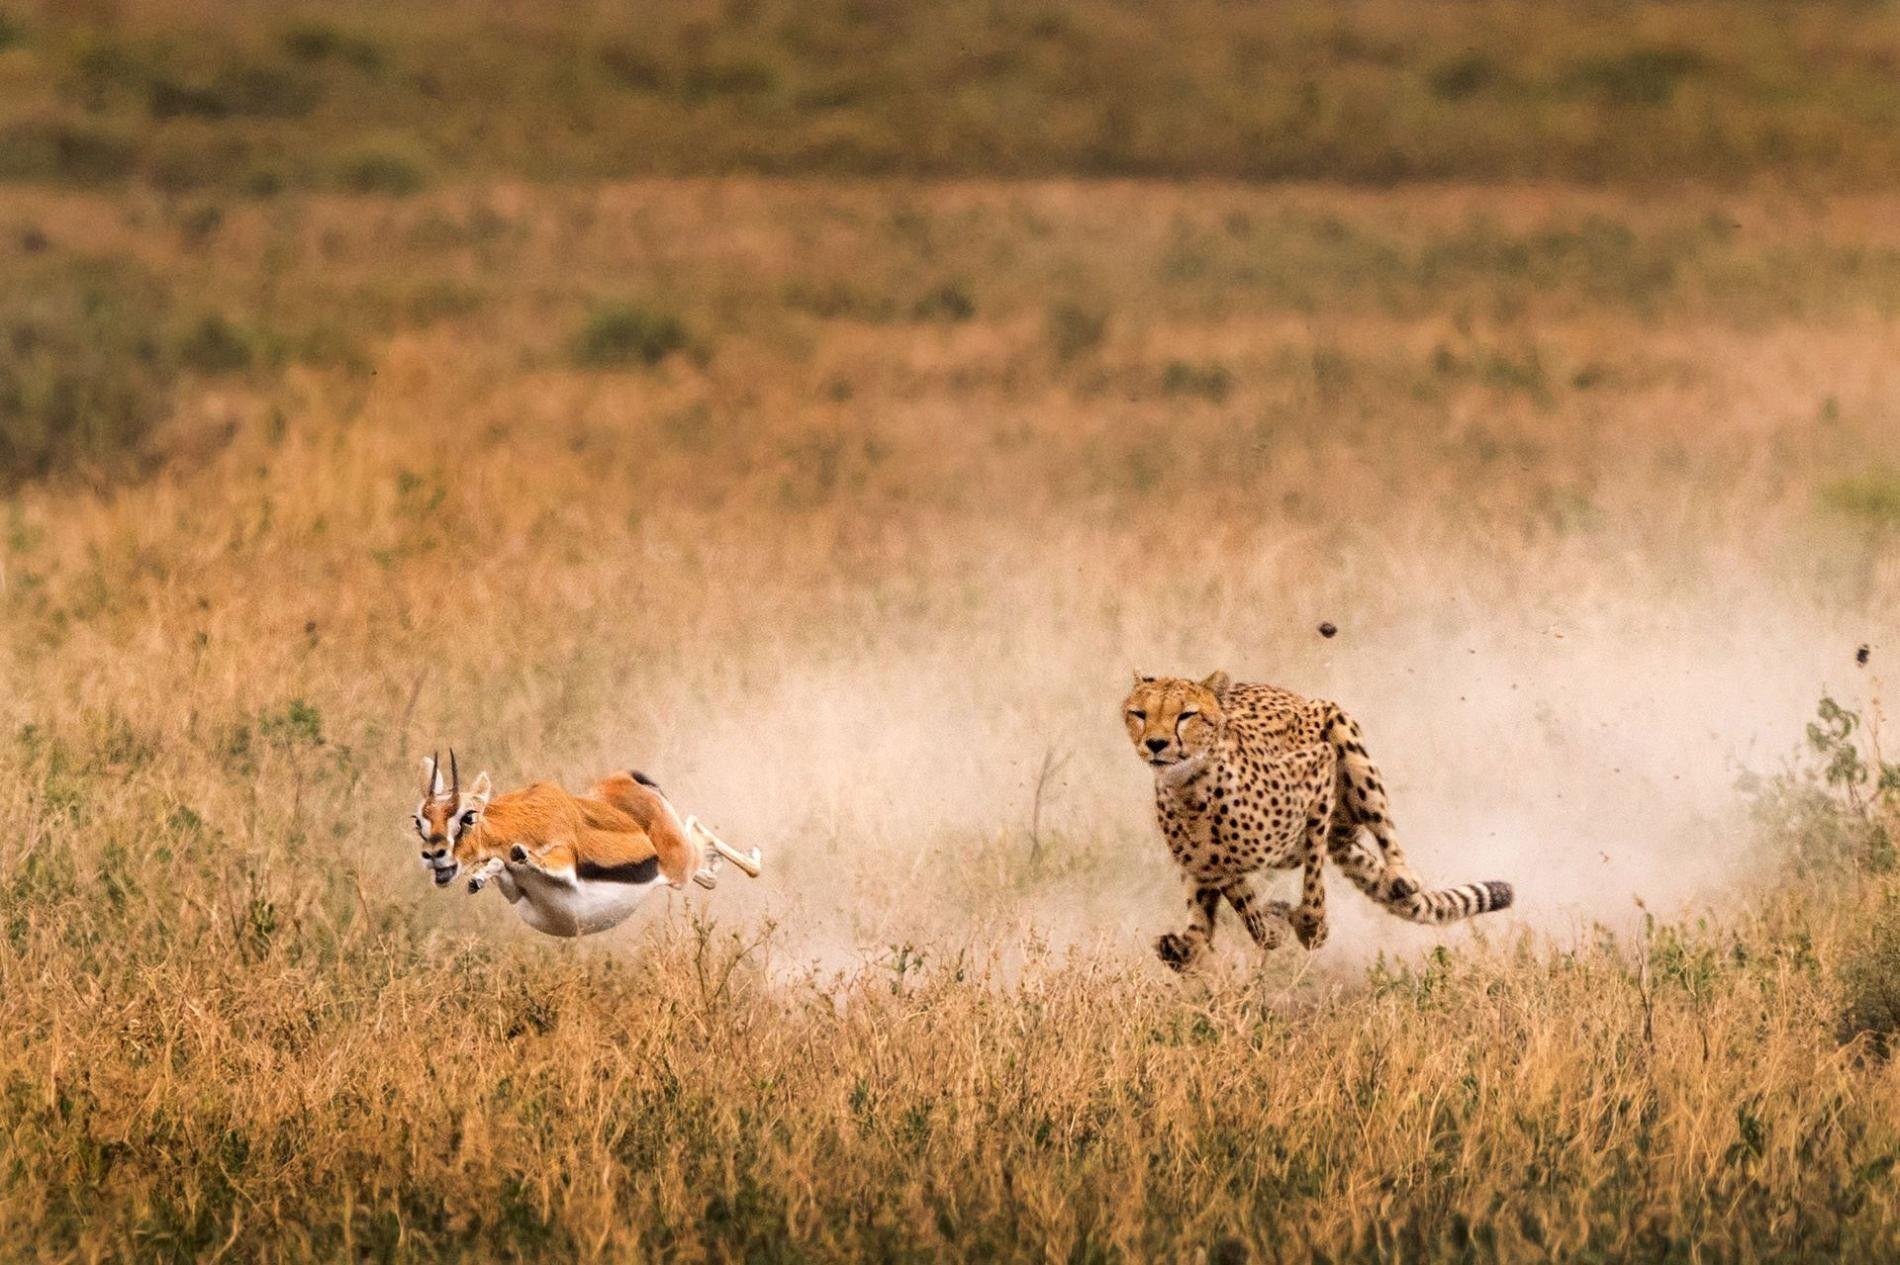 Comment les guépards arrivent-ils à garder leurs têtes droites quand ils courent ?